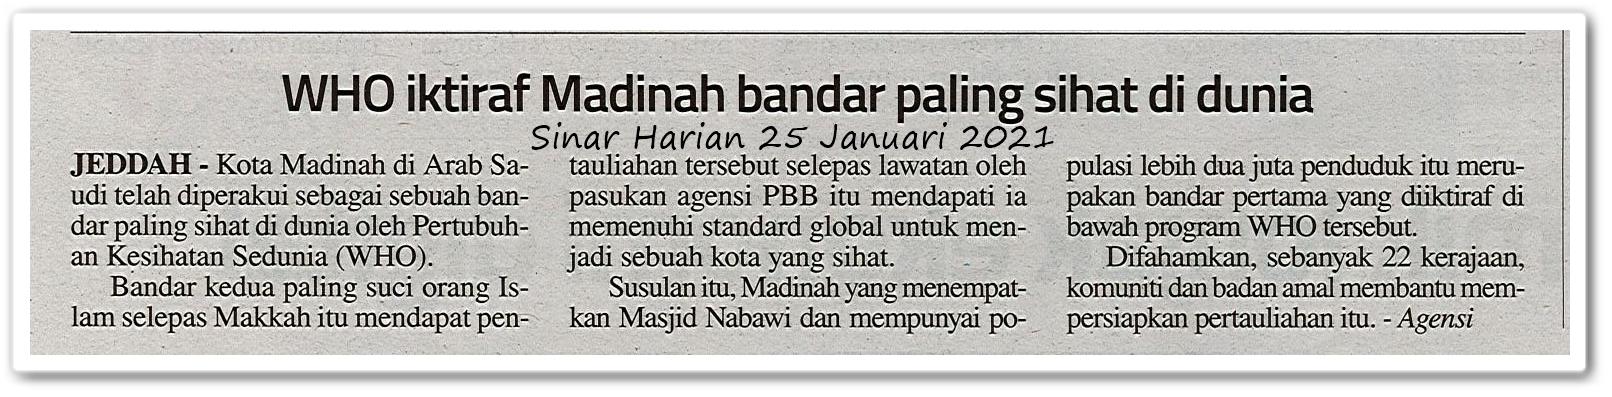 WHO iktiraf Madinah bandar paling sihat di dunia - Keratan akhbar Sinar Harian 25 Januari 2021